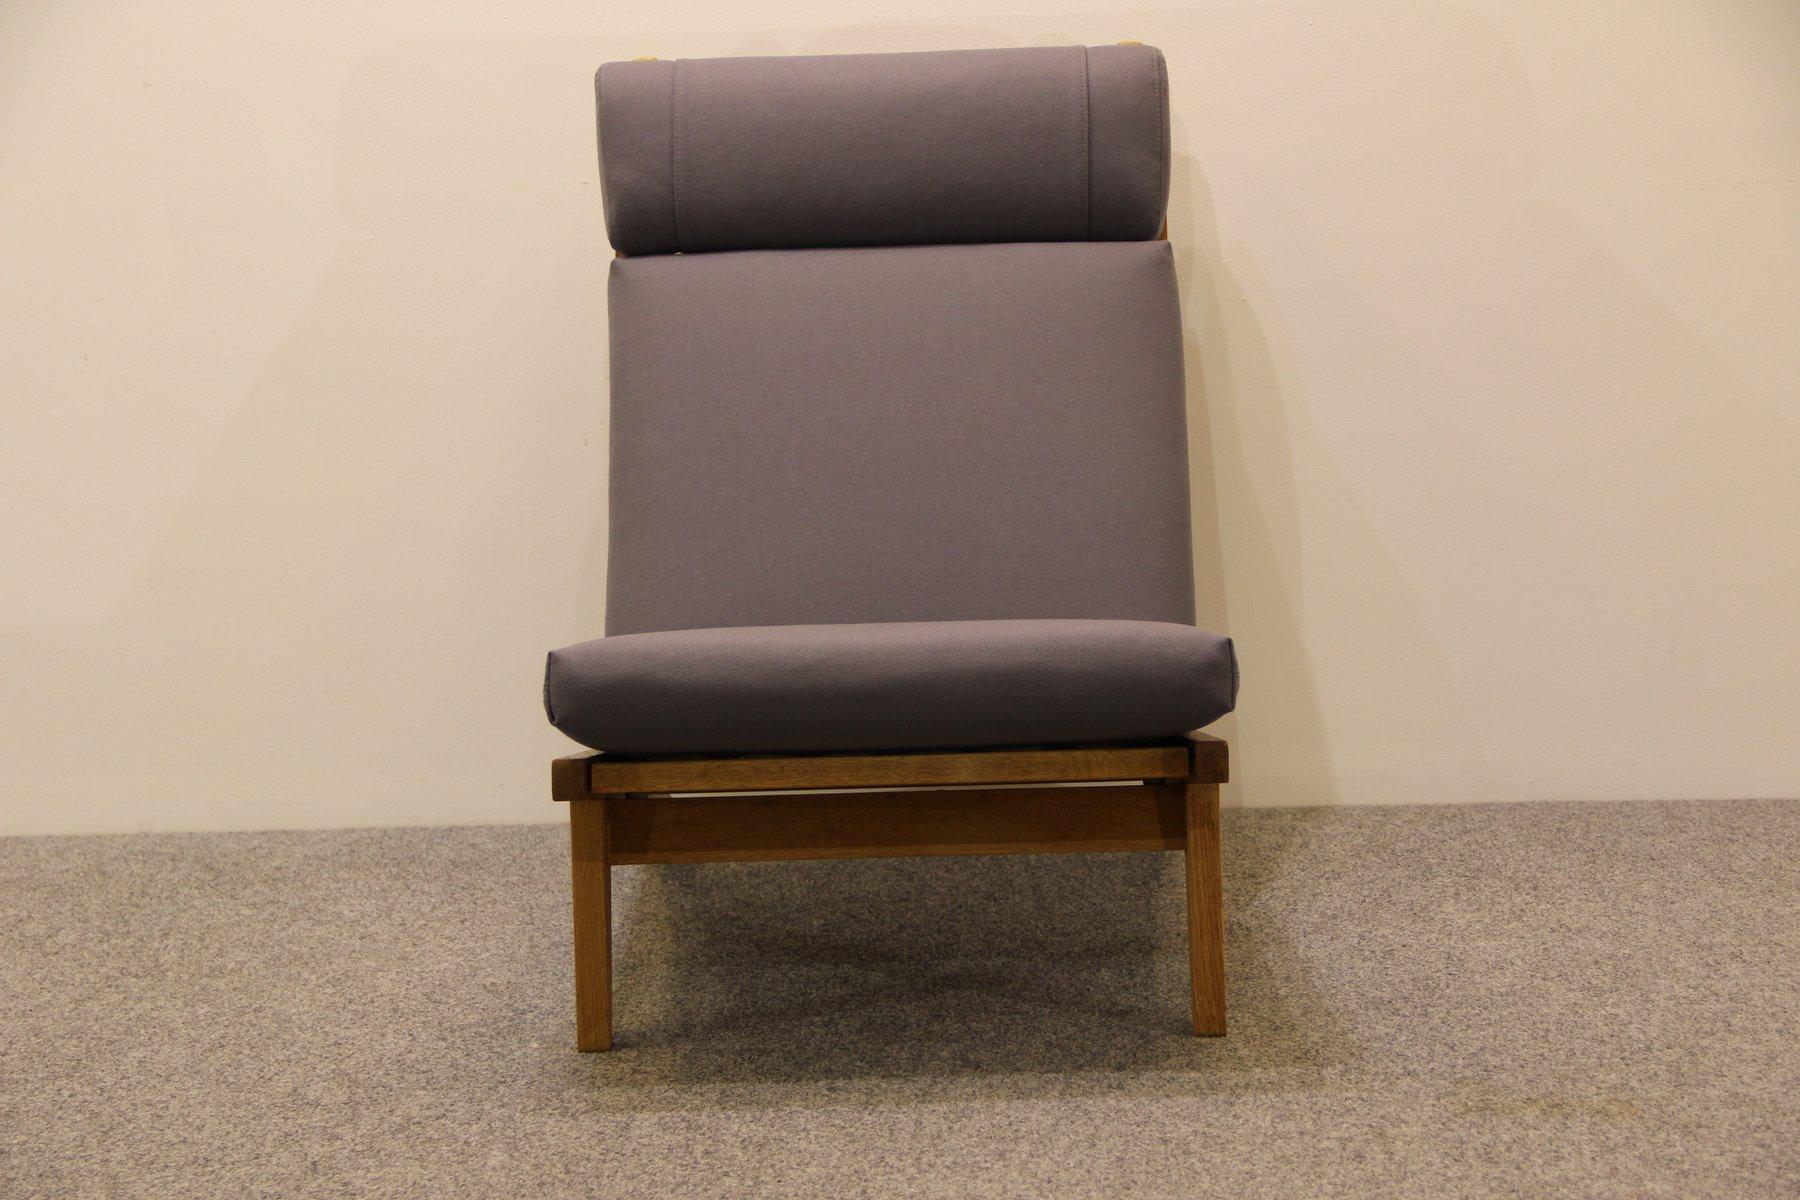 d nischer sessel aus eiche von hans j wegner f r getama. Black Bedroom Furniture Sets. Home Design Ideas